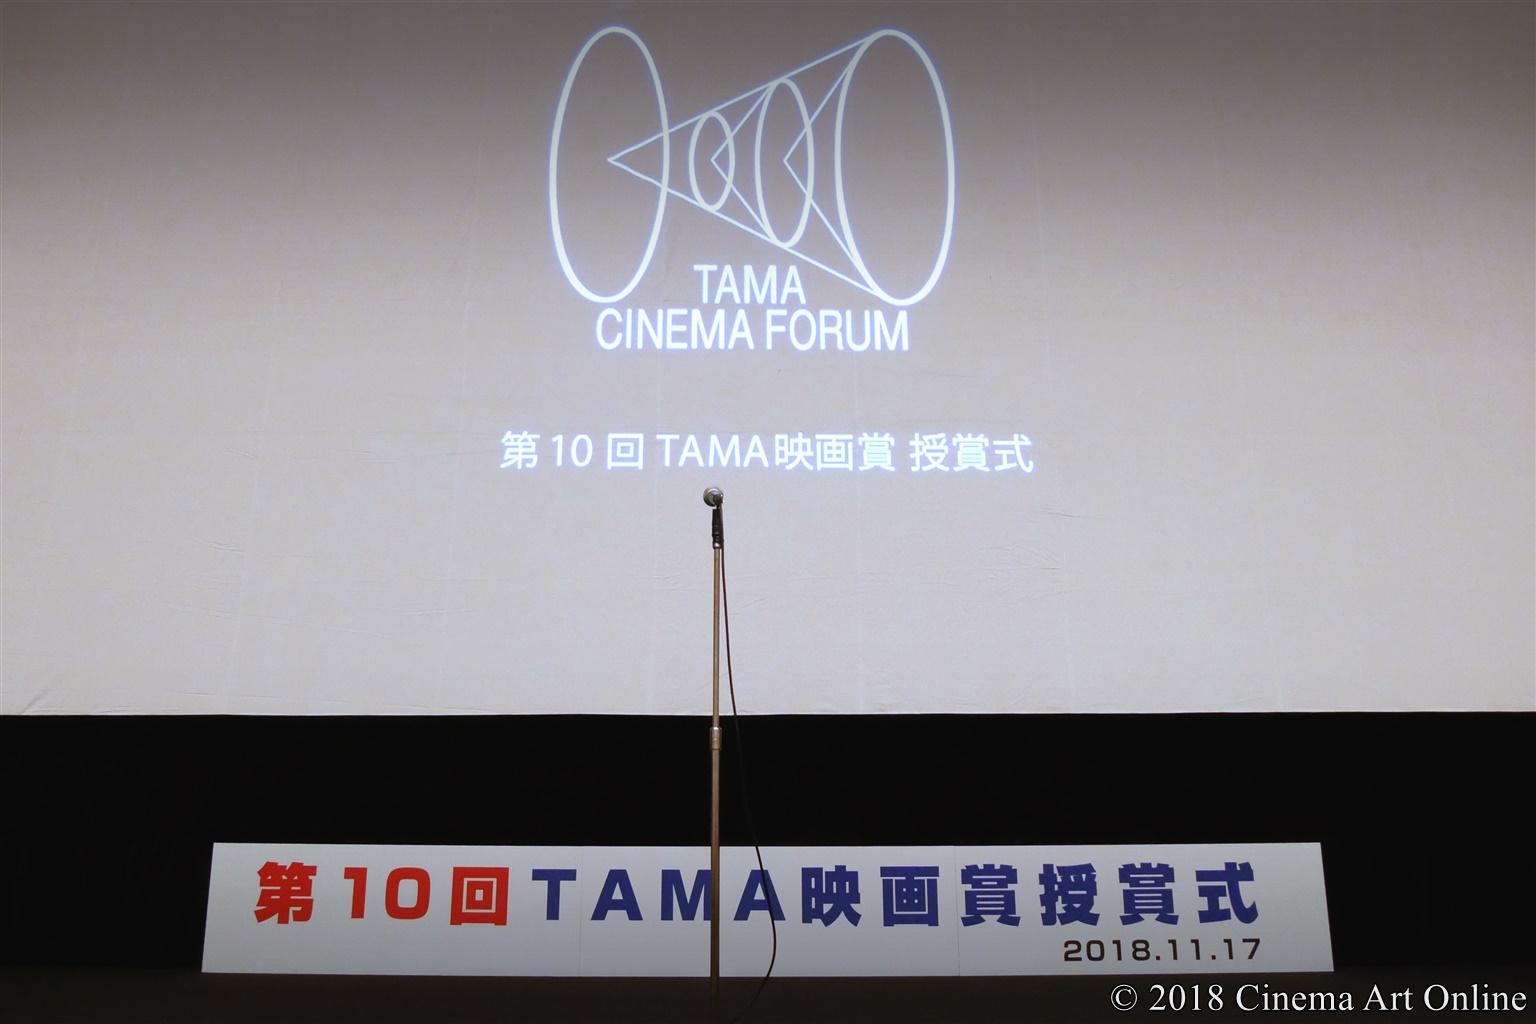 【写真】第10回 TAMA映画賞 授賞式